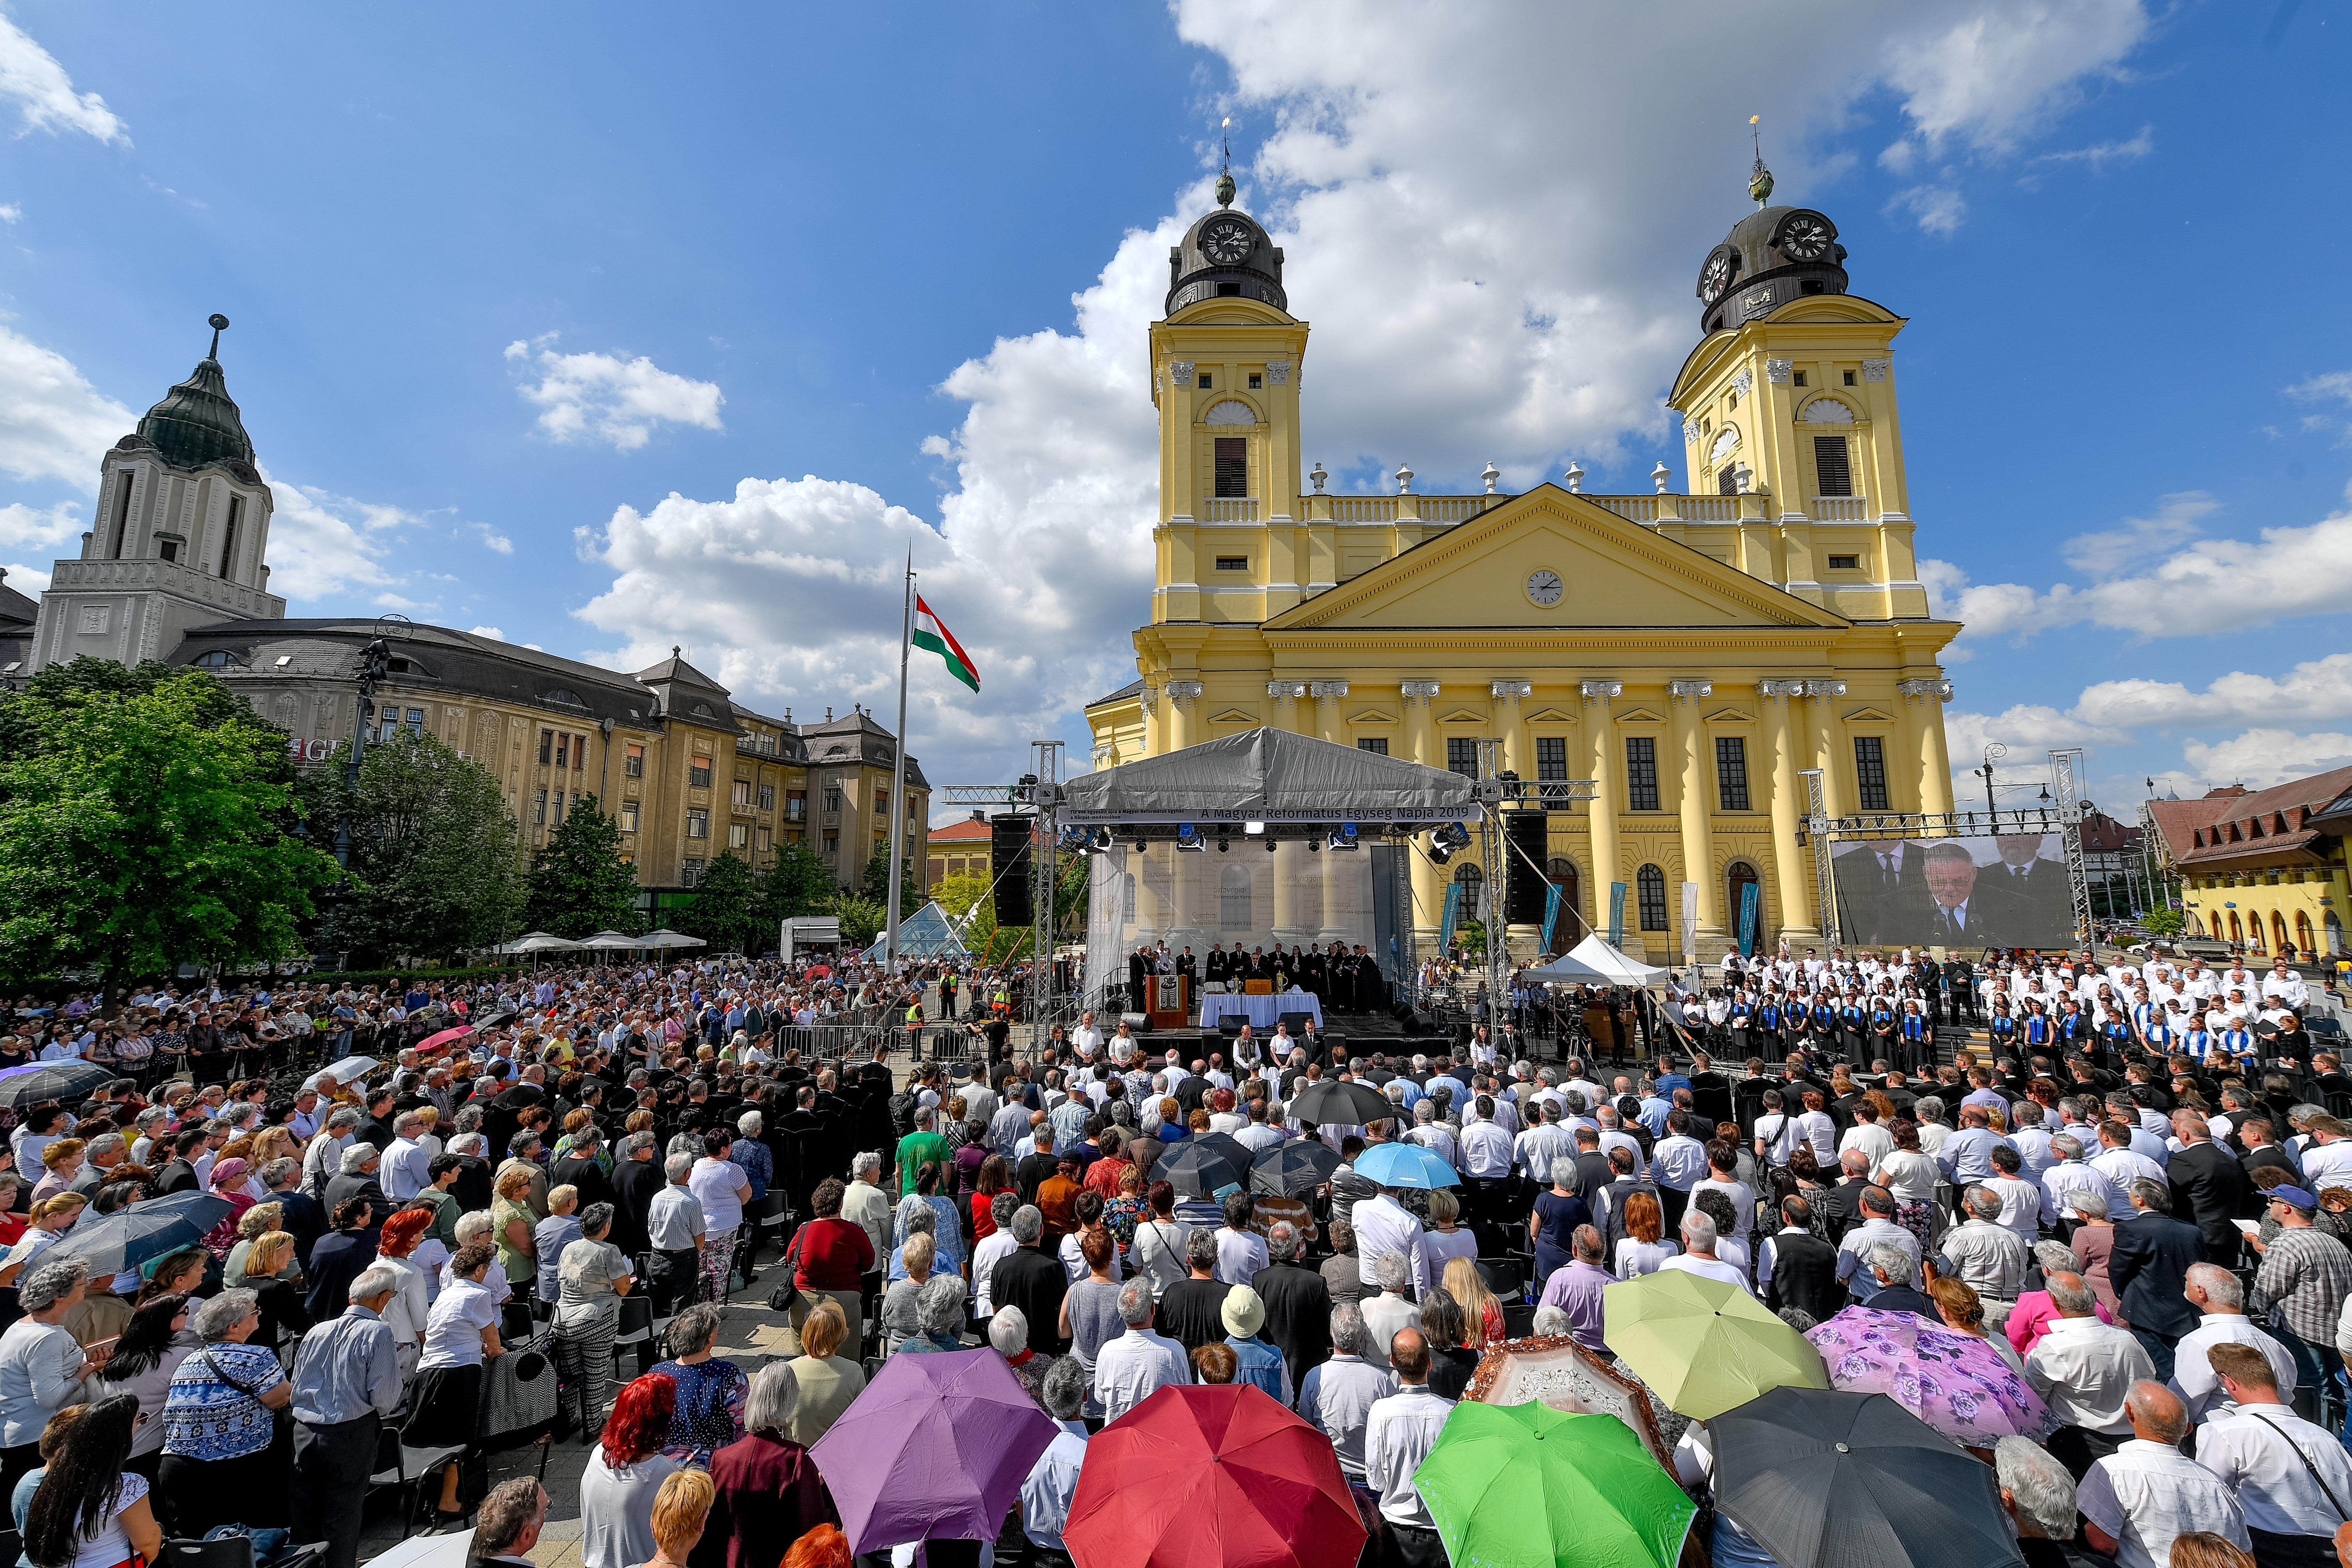 100 fős korlátozást vezetnek a református istentiszteleteken